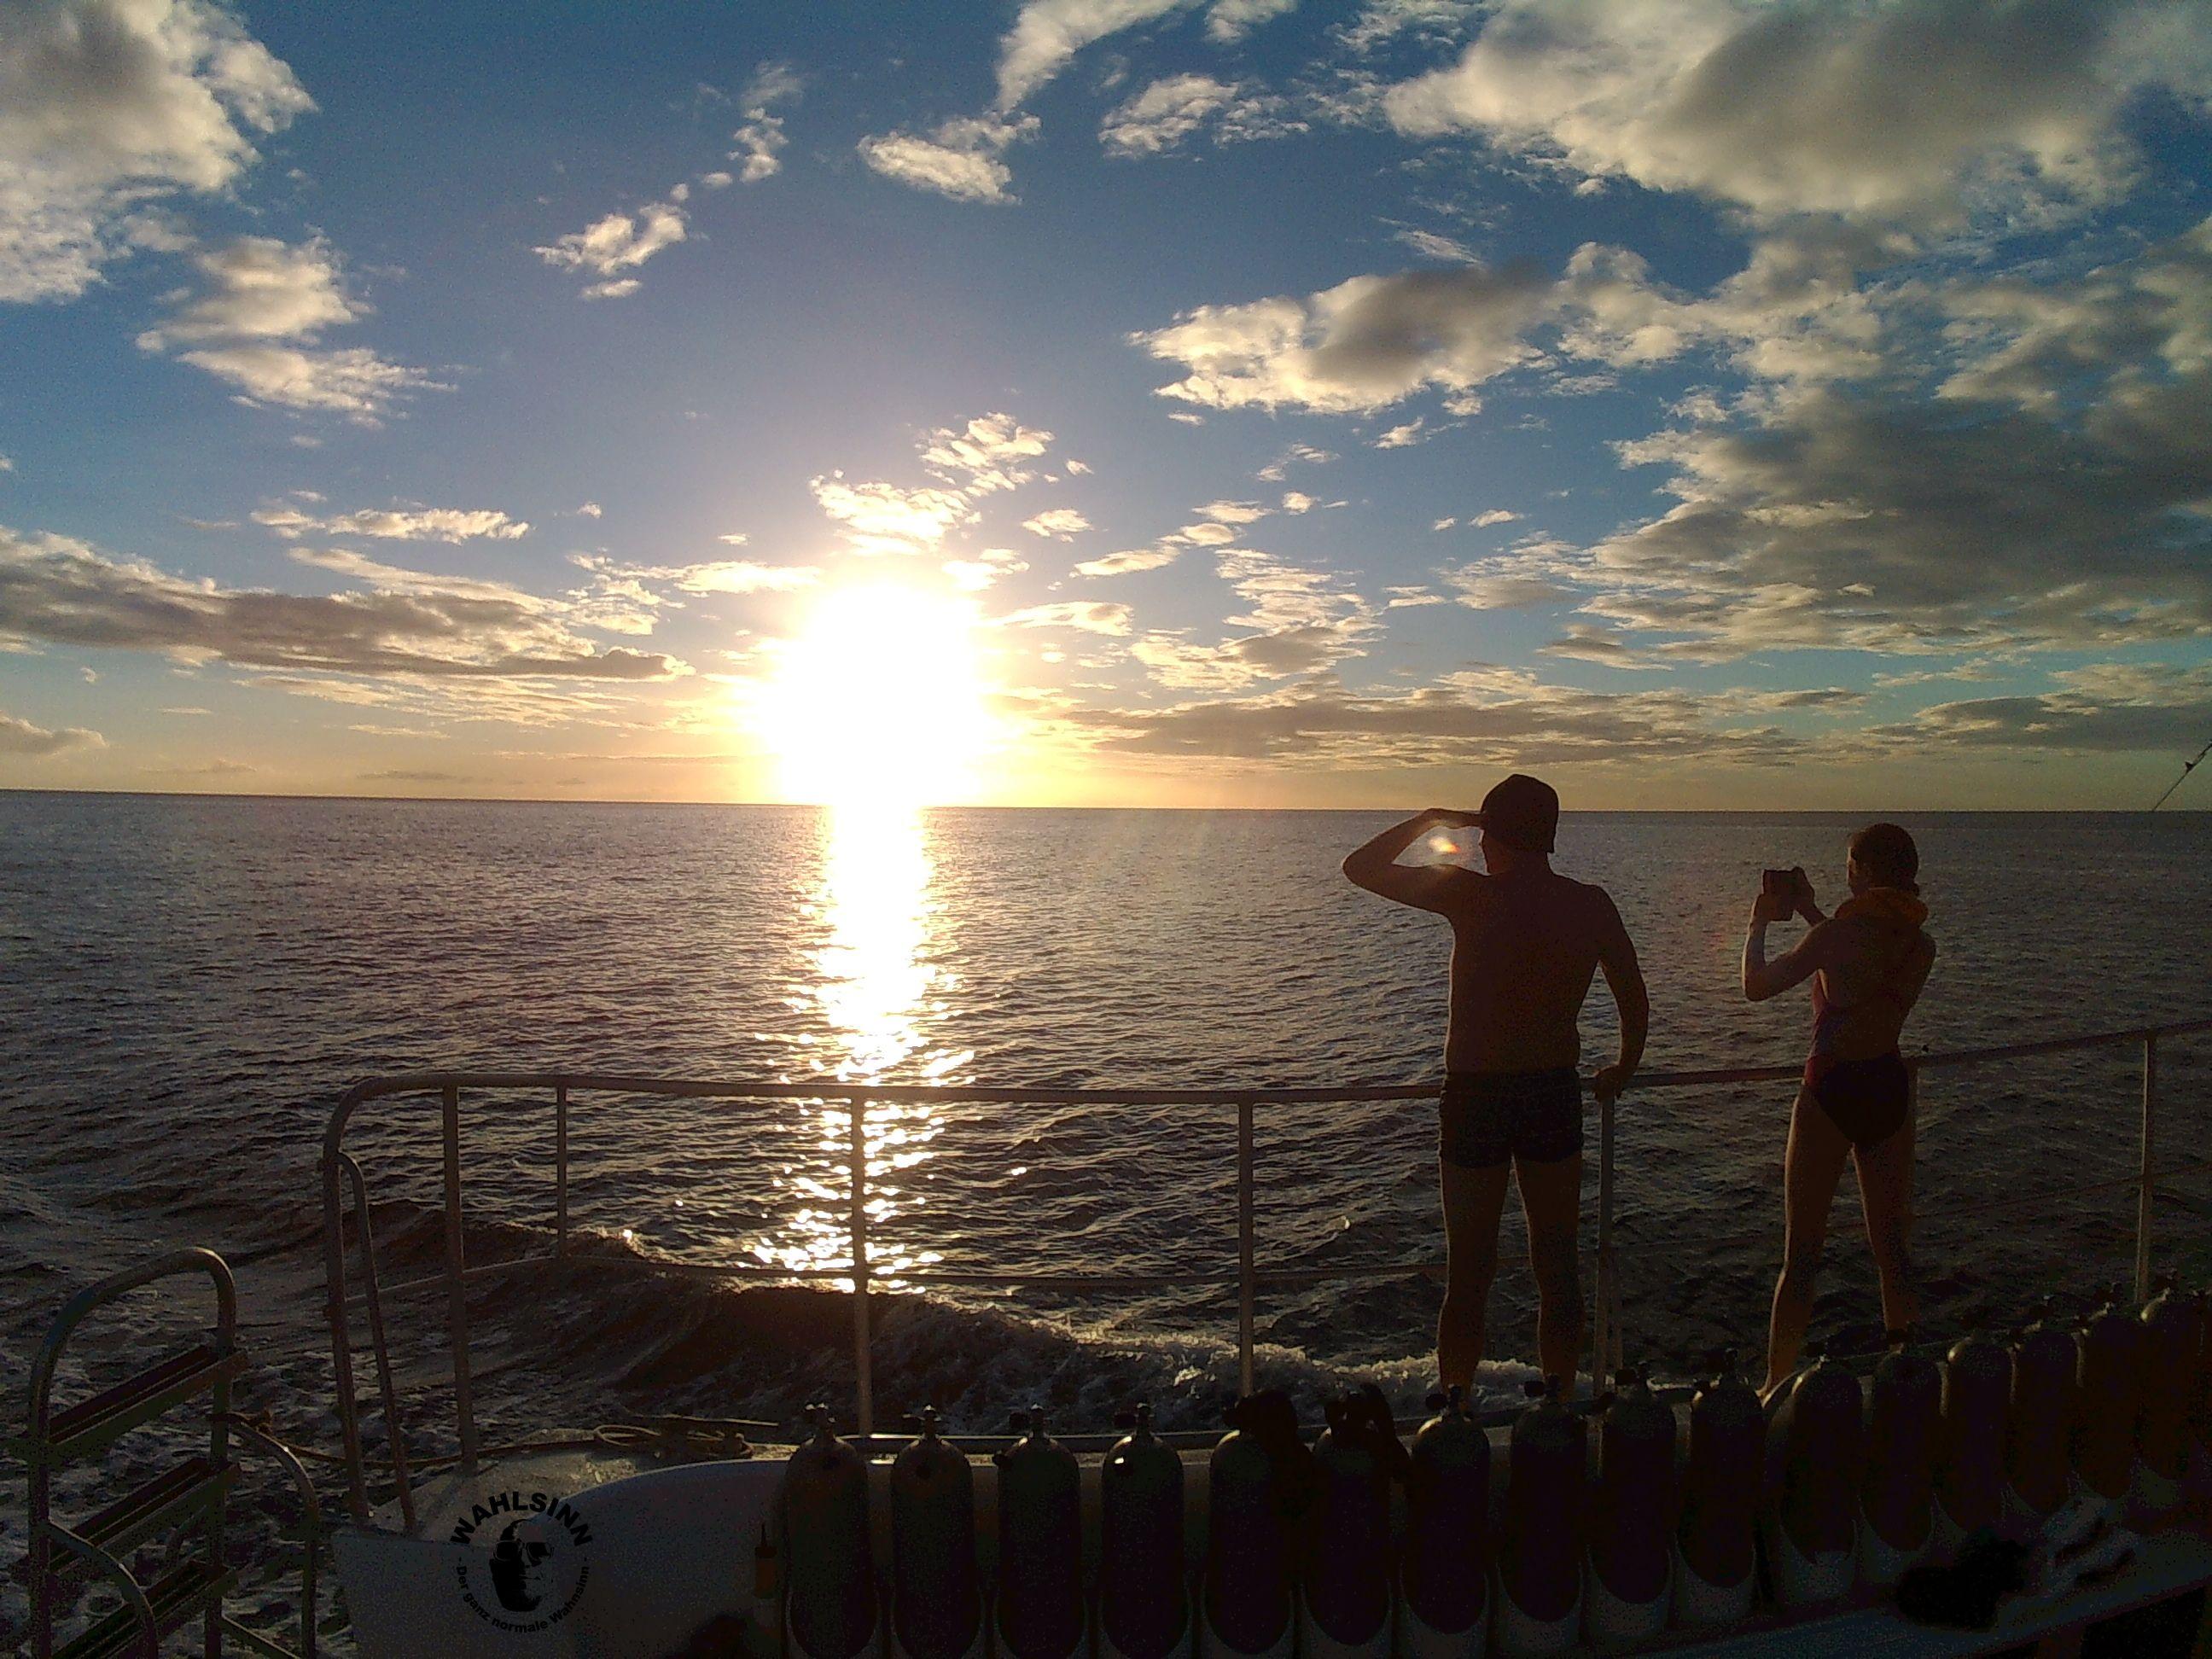 Dominica - Sonnenuntergänge sind ein Traum von Roseau